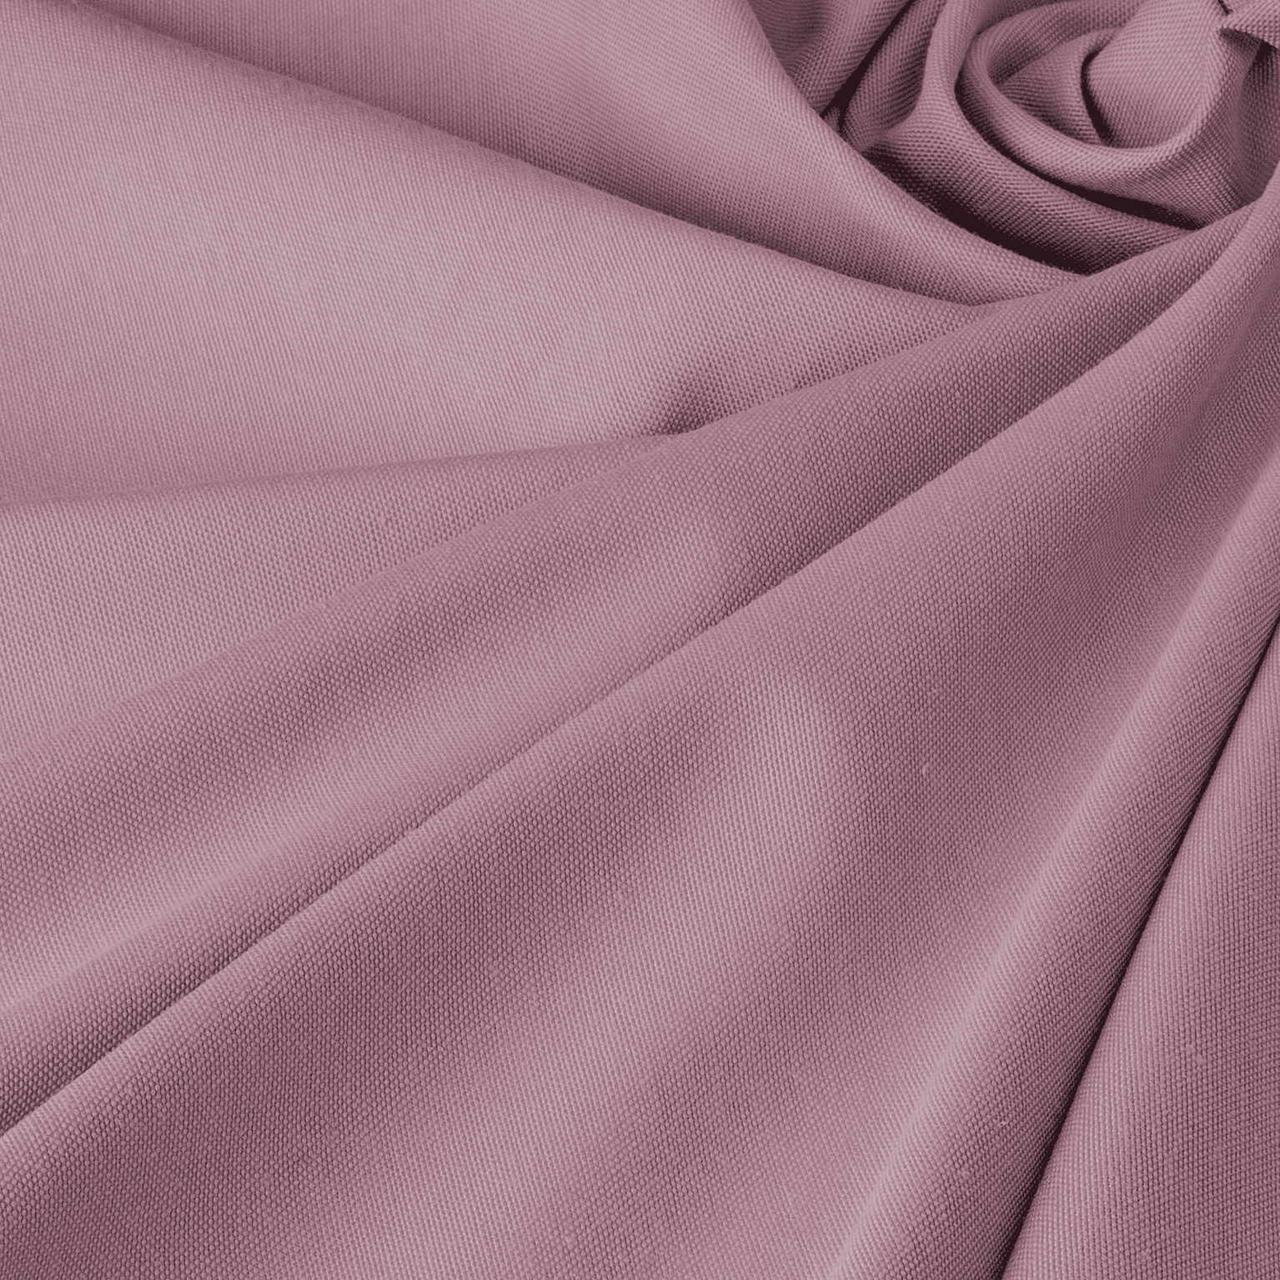 Ткань лавандовый цвет купить кружево для белья купить в москве